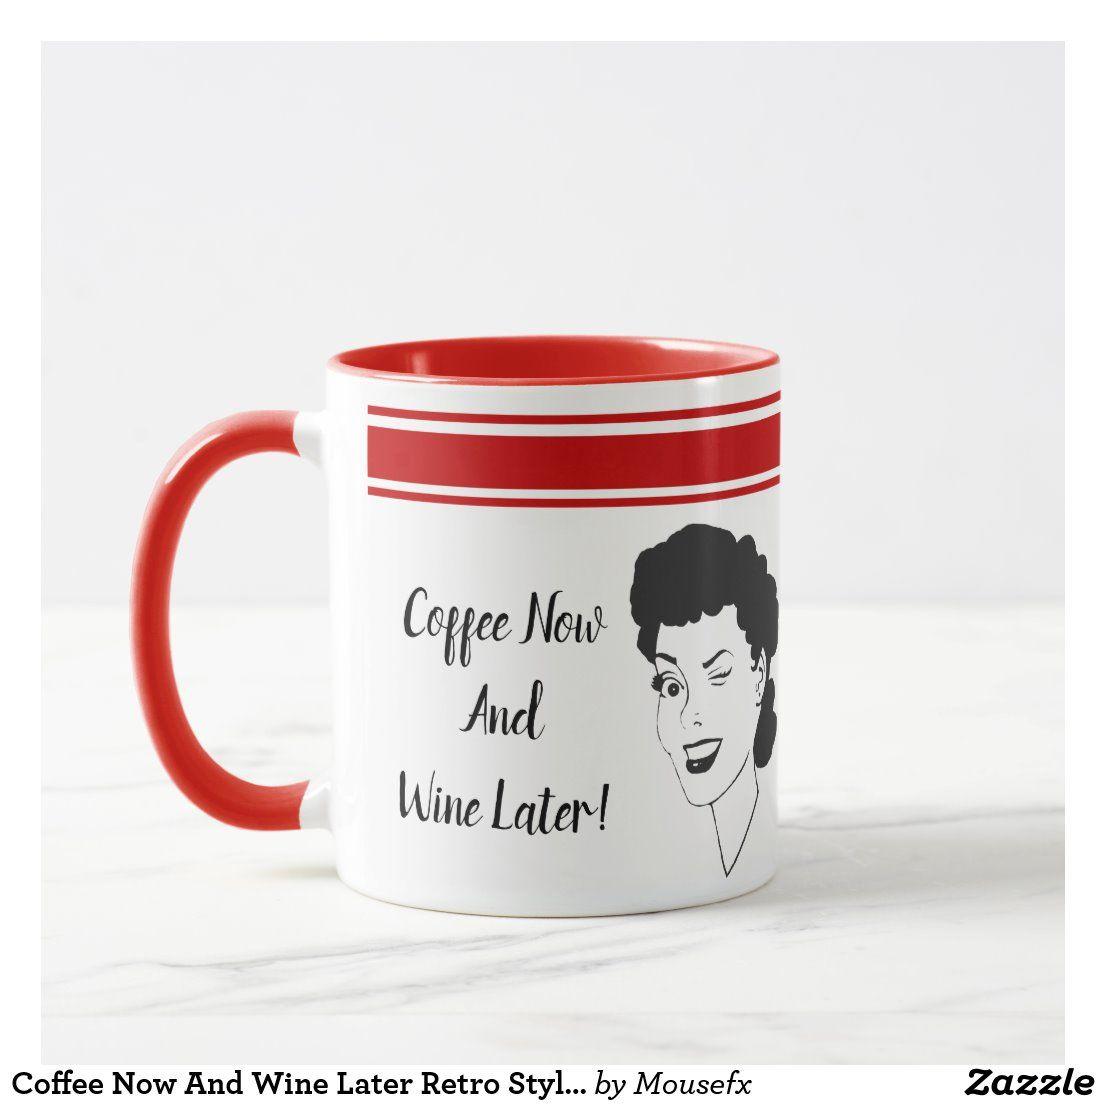 Coffee Now And Wine Later Retro Style Mug Zazzle Com In 2020 Mugs Retro Fashion Retro